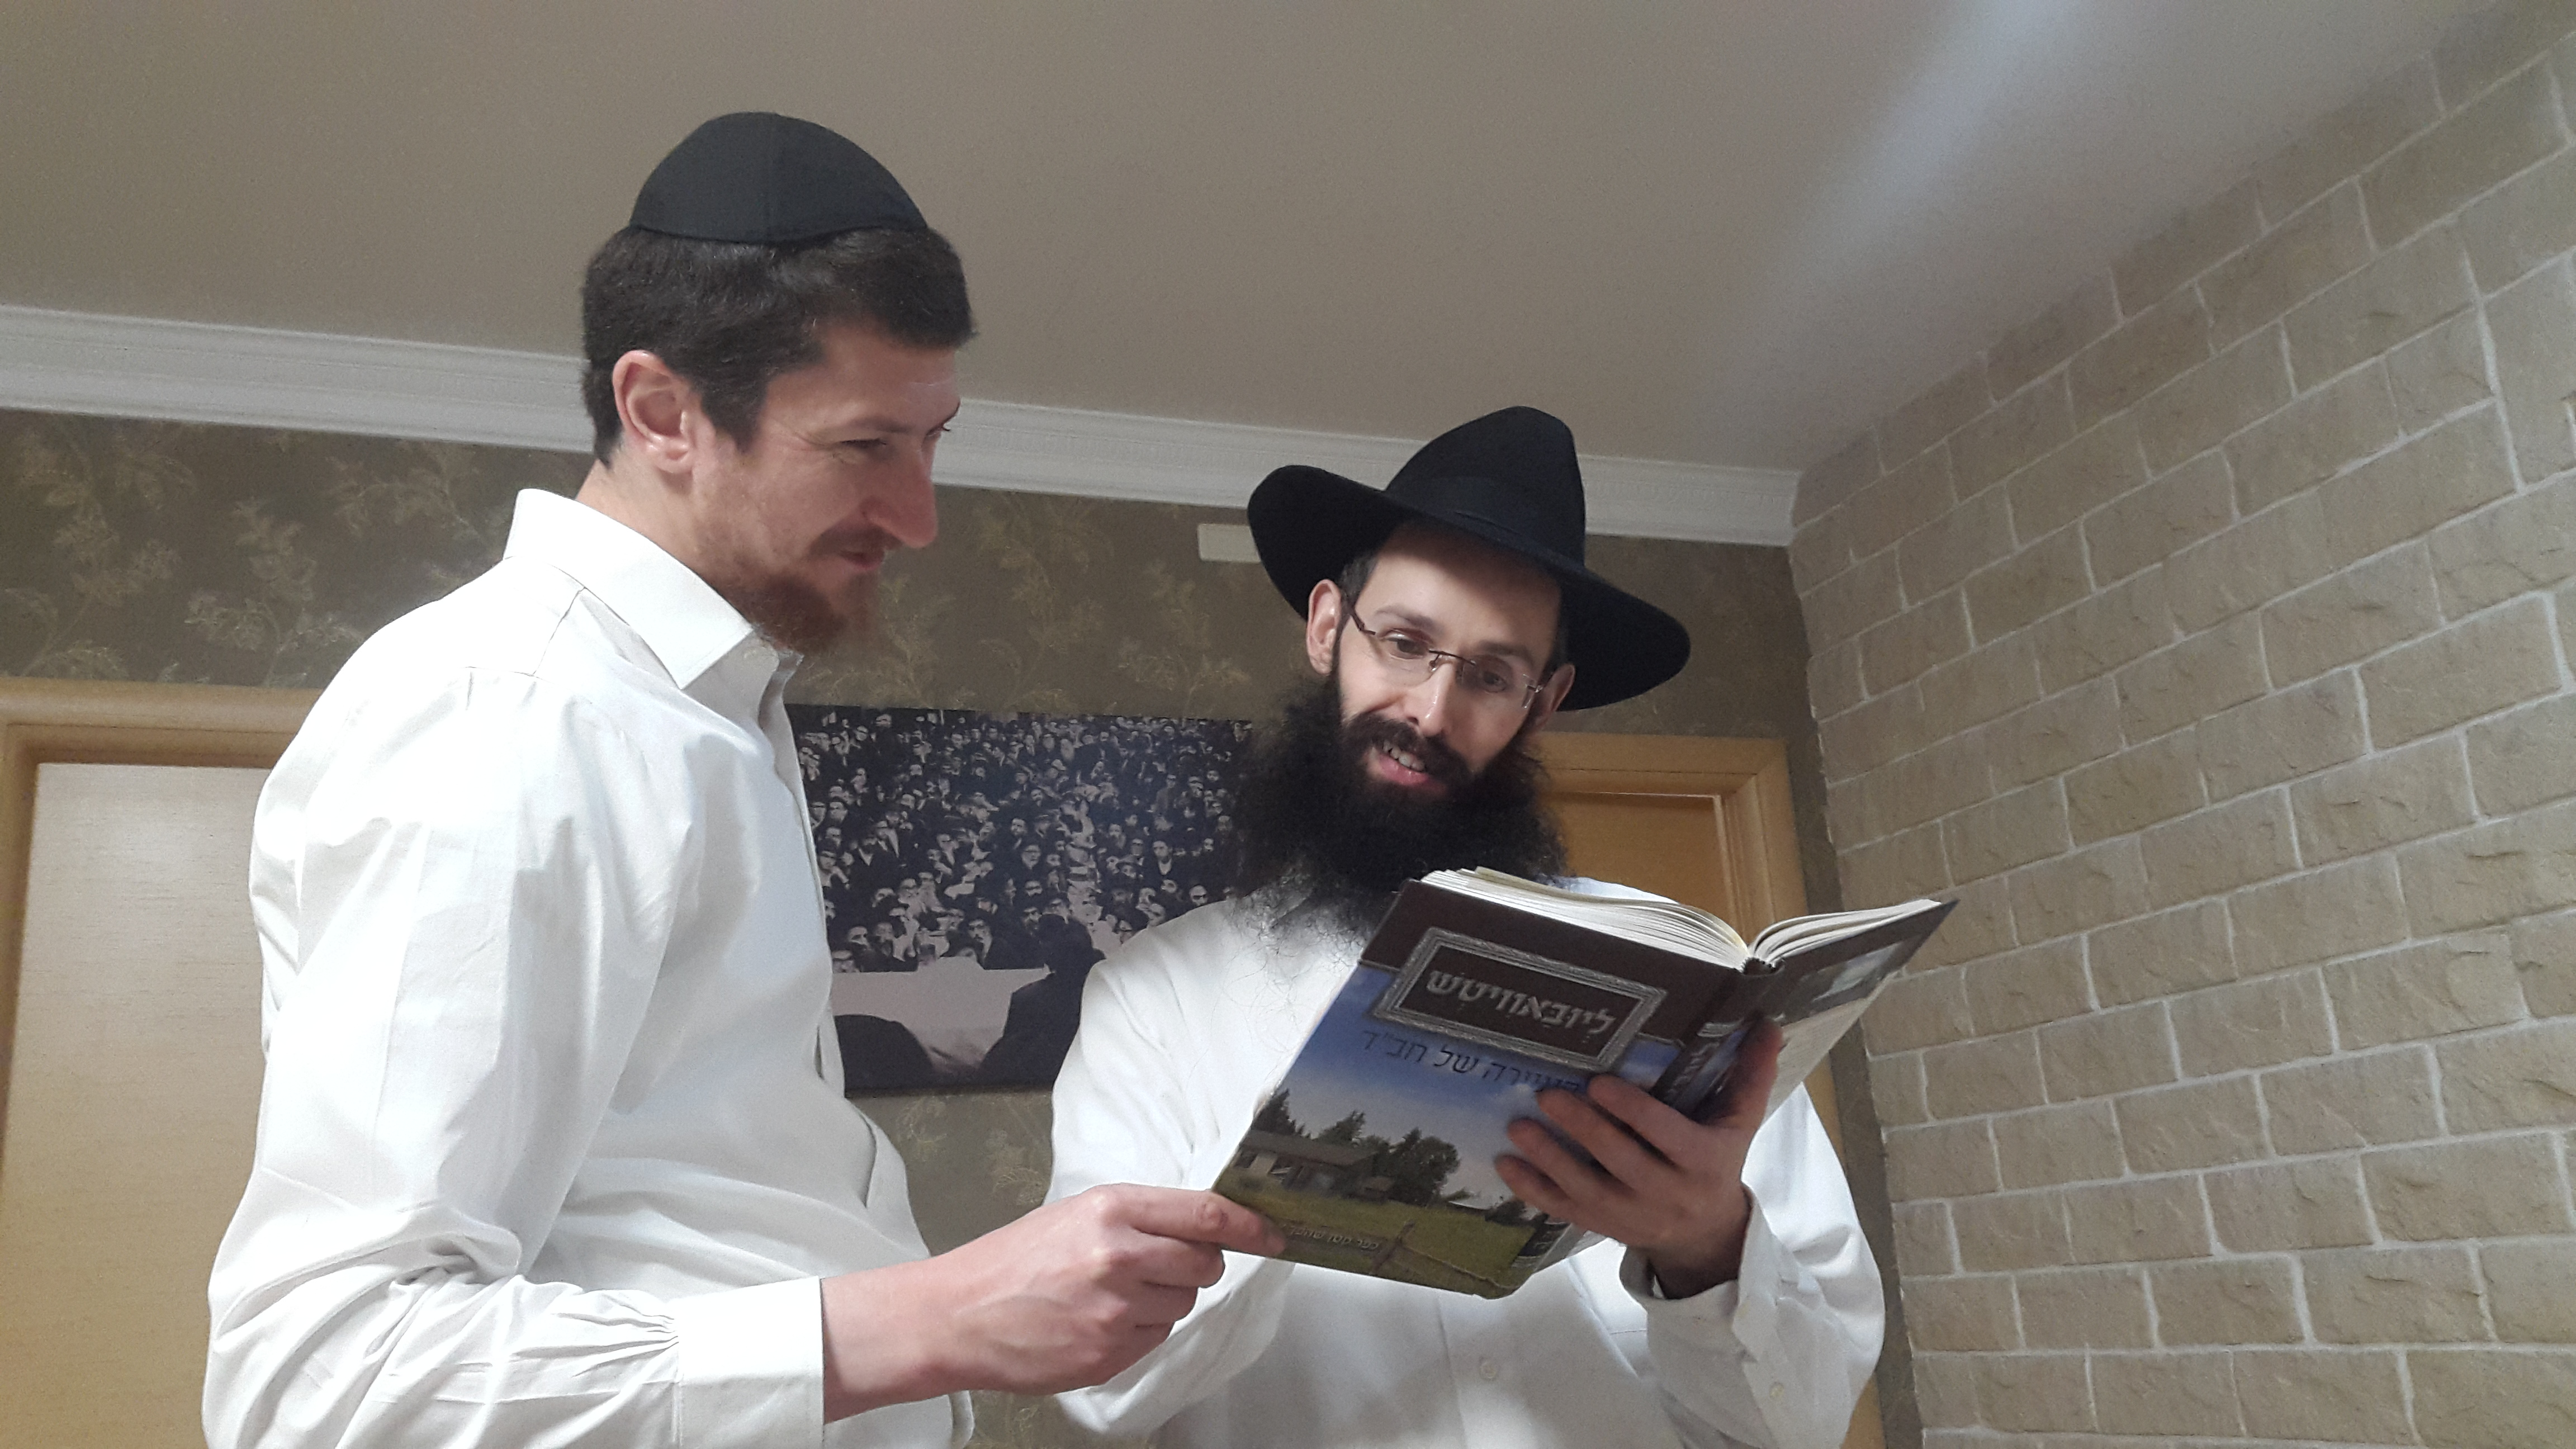 הרב לוי מונדשטיין, שליח הרבי לסלומלנסק הסמוכה לליובאוויטש מקבל את הספר ומעיין בו